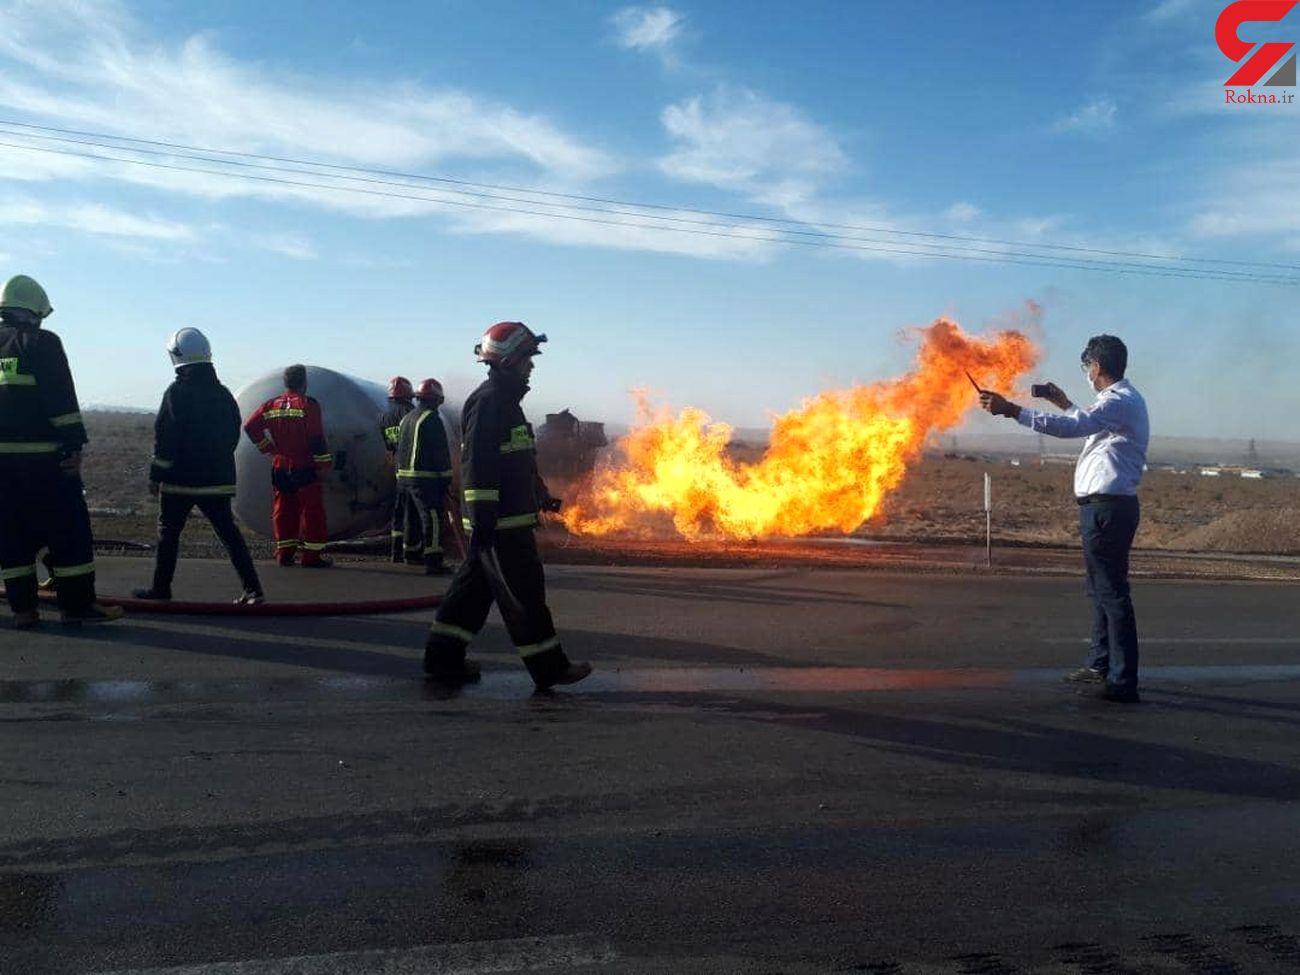 برخورد خودرو و آتش سوزی در مسیر دامغان - سمنان